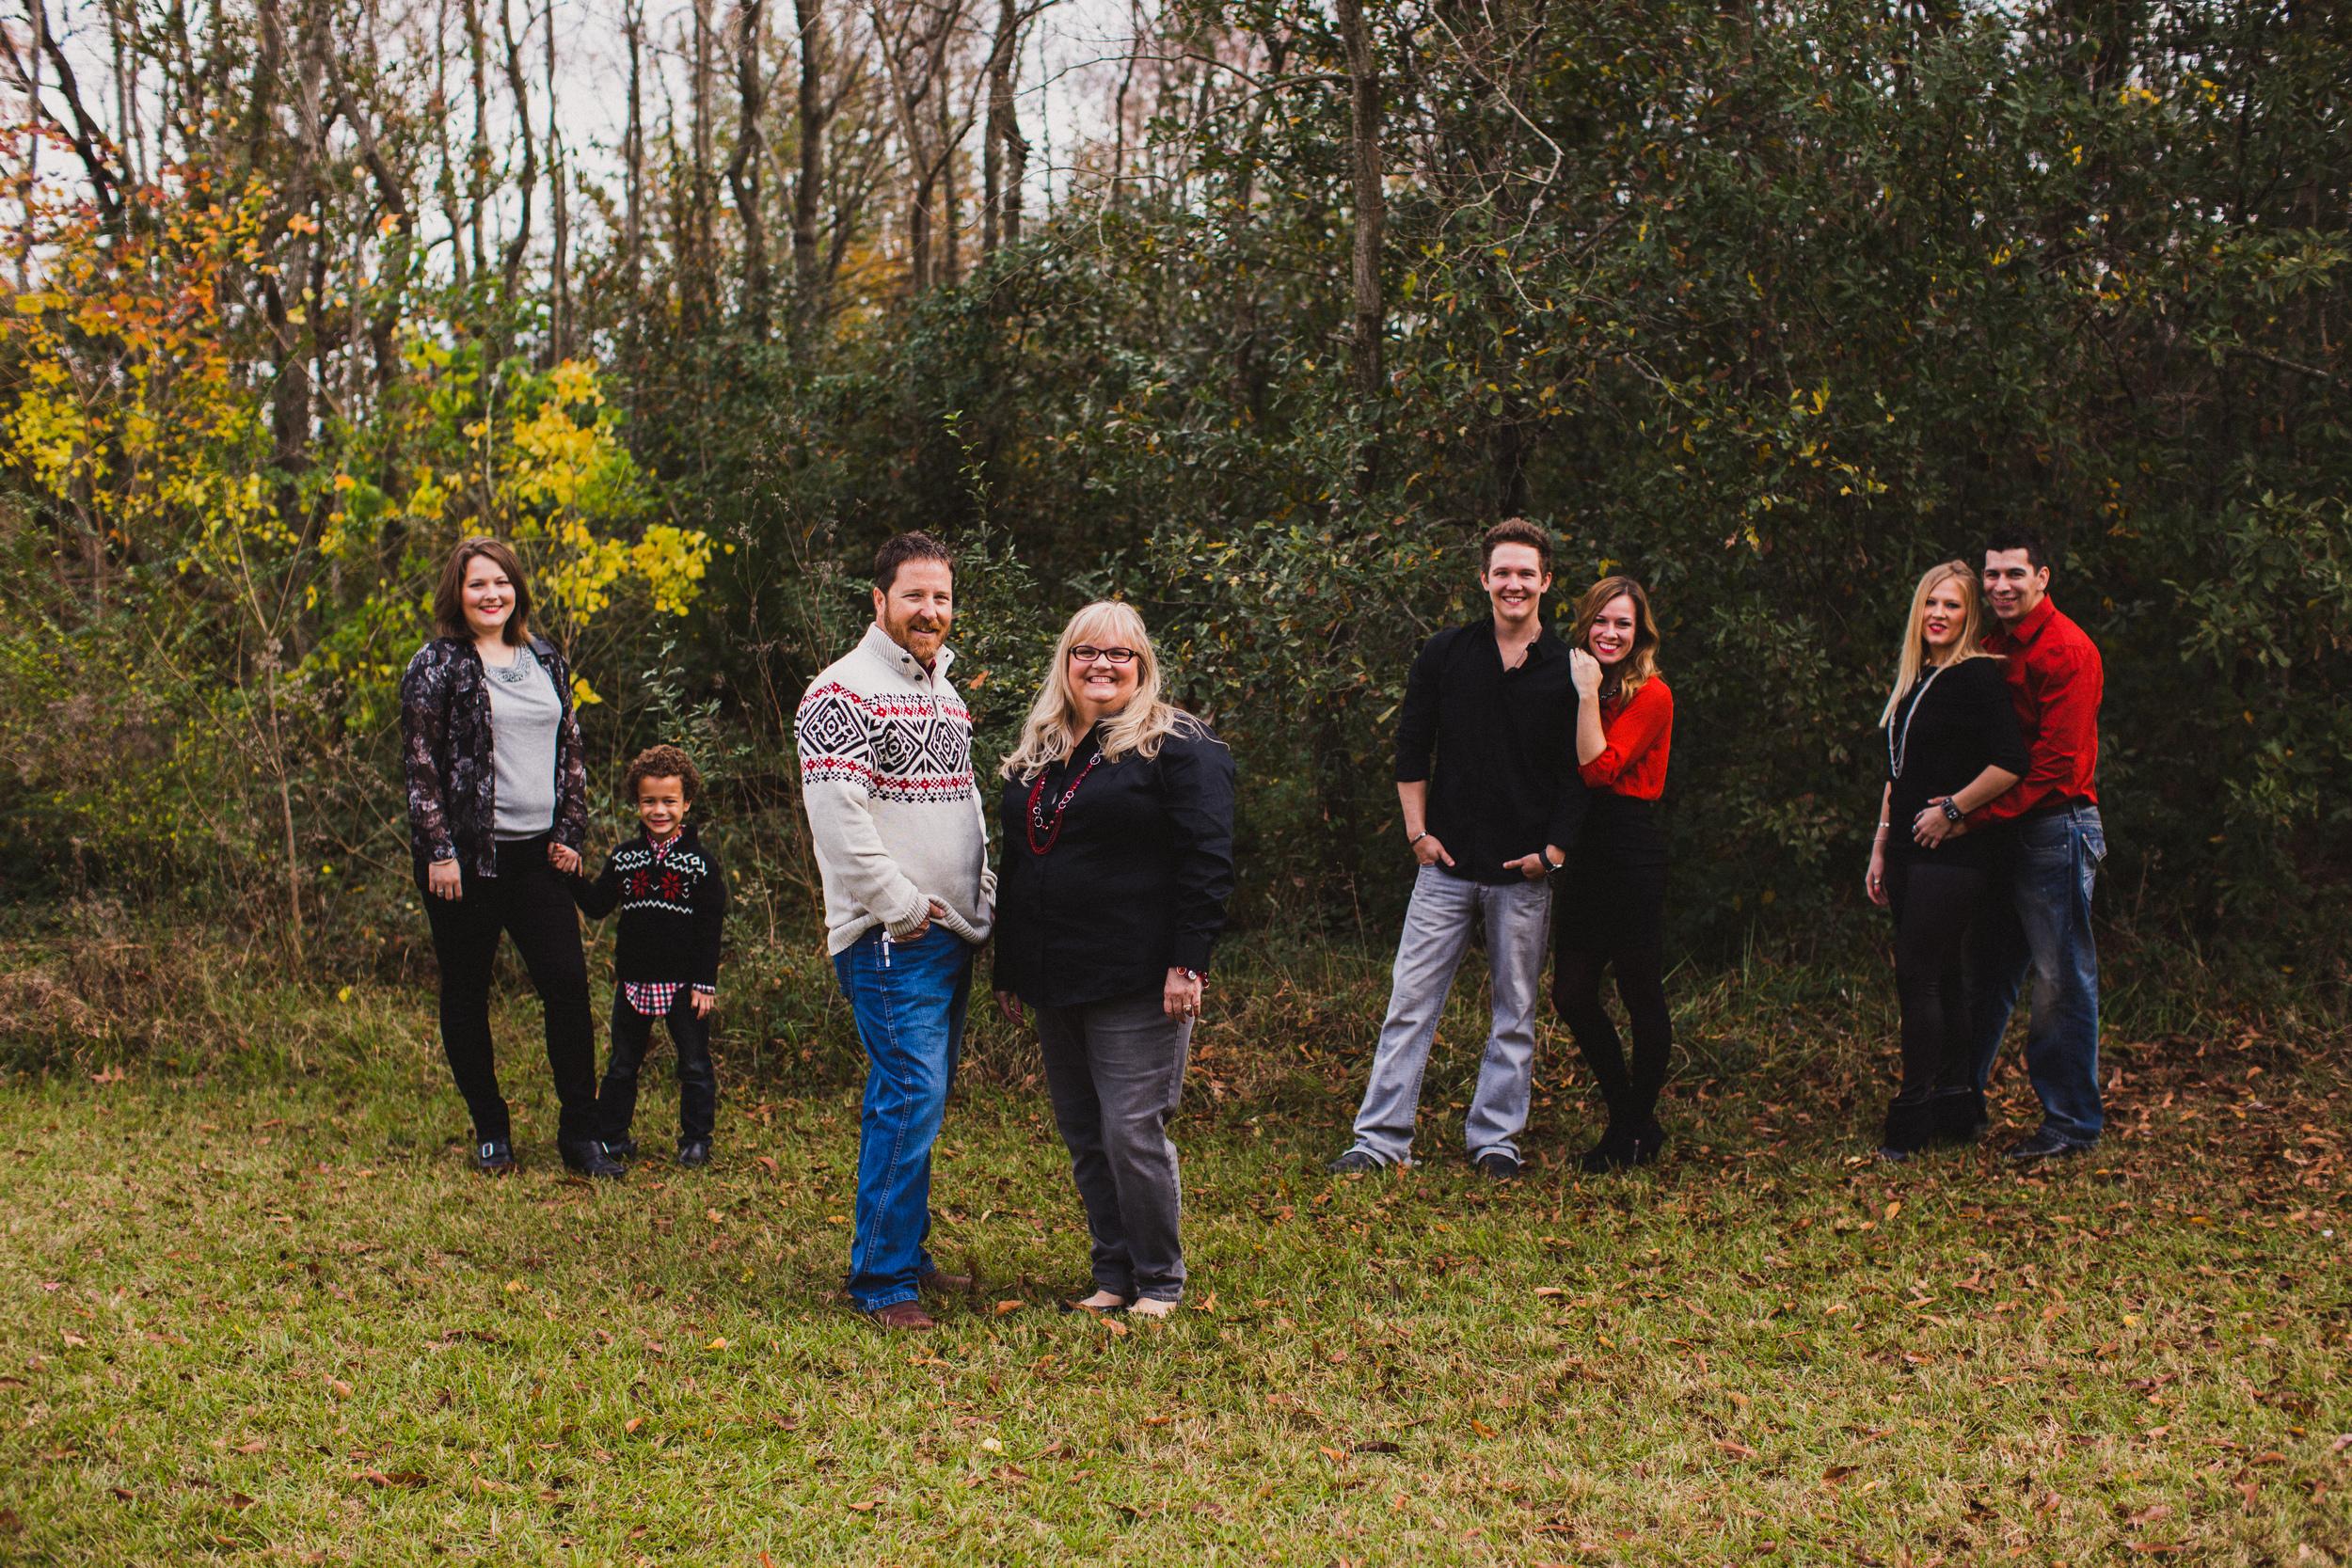 houston family photograper_hsp2014_hughesfamily_f-9.jpg